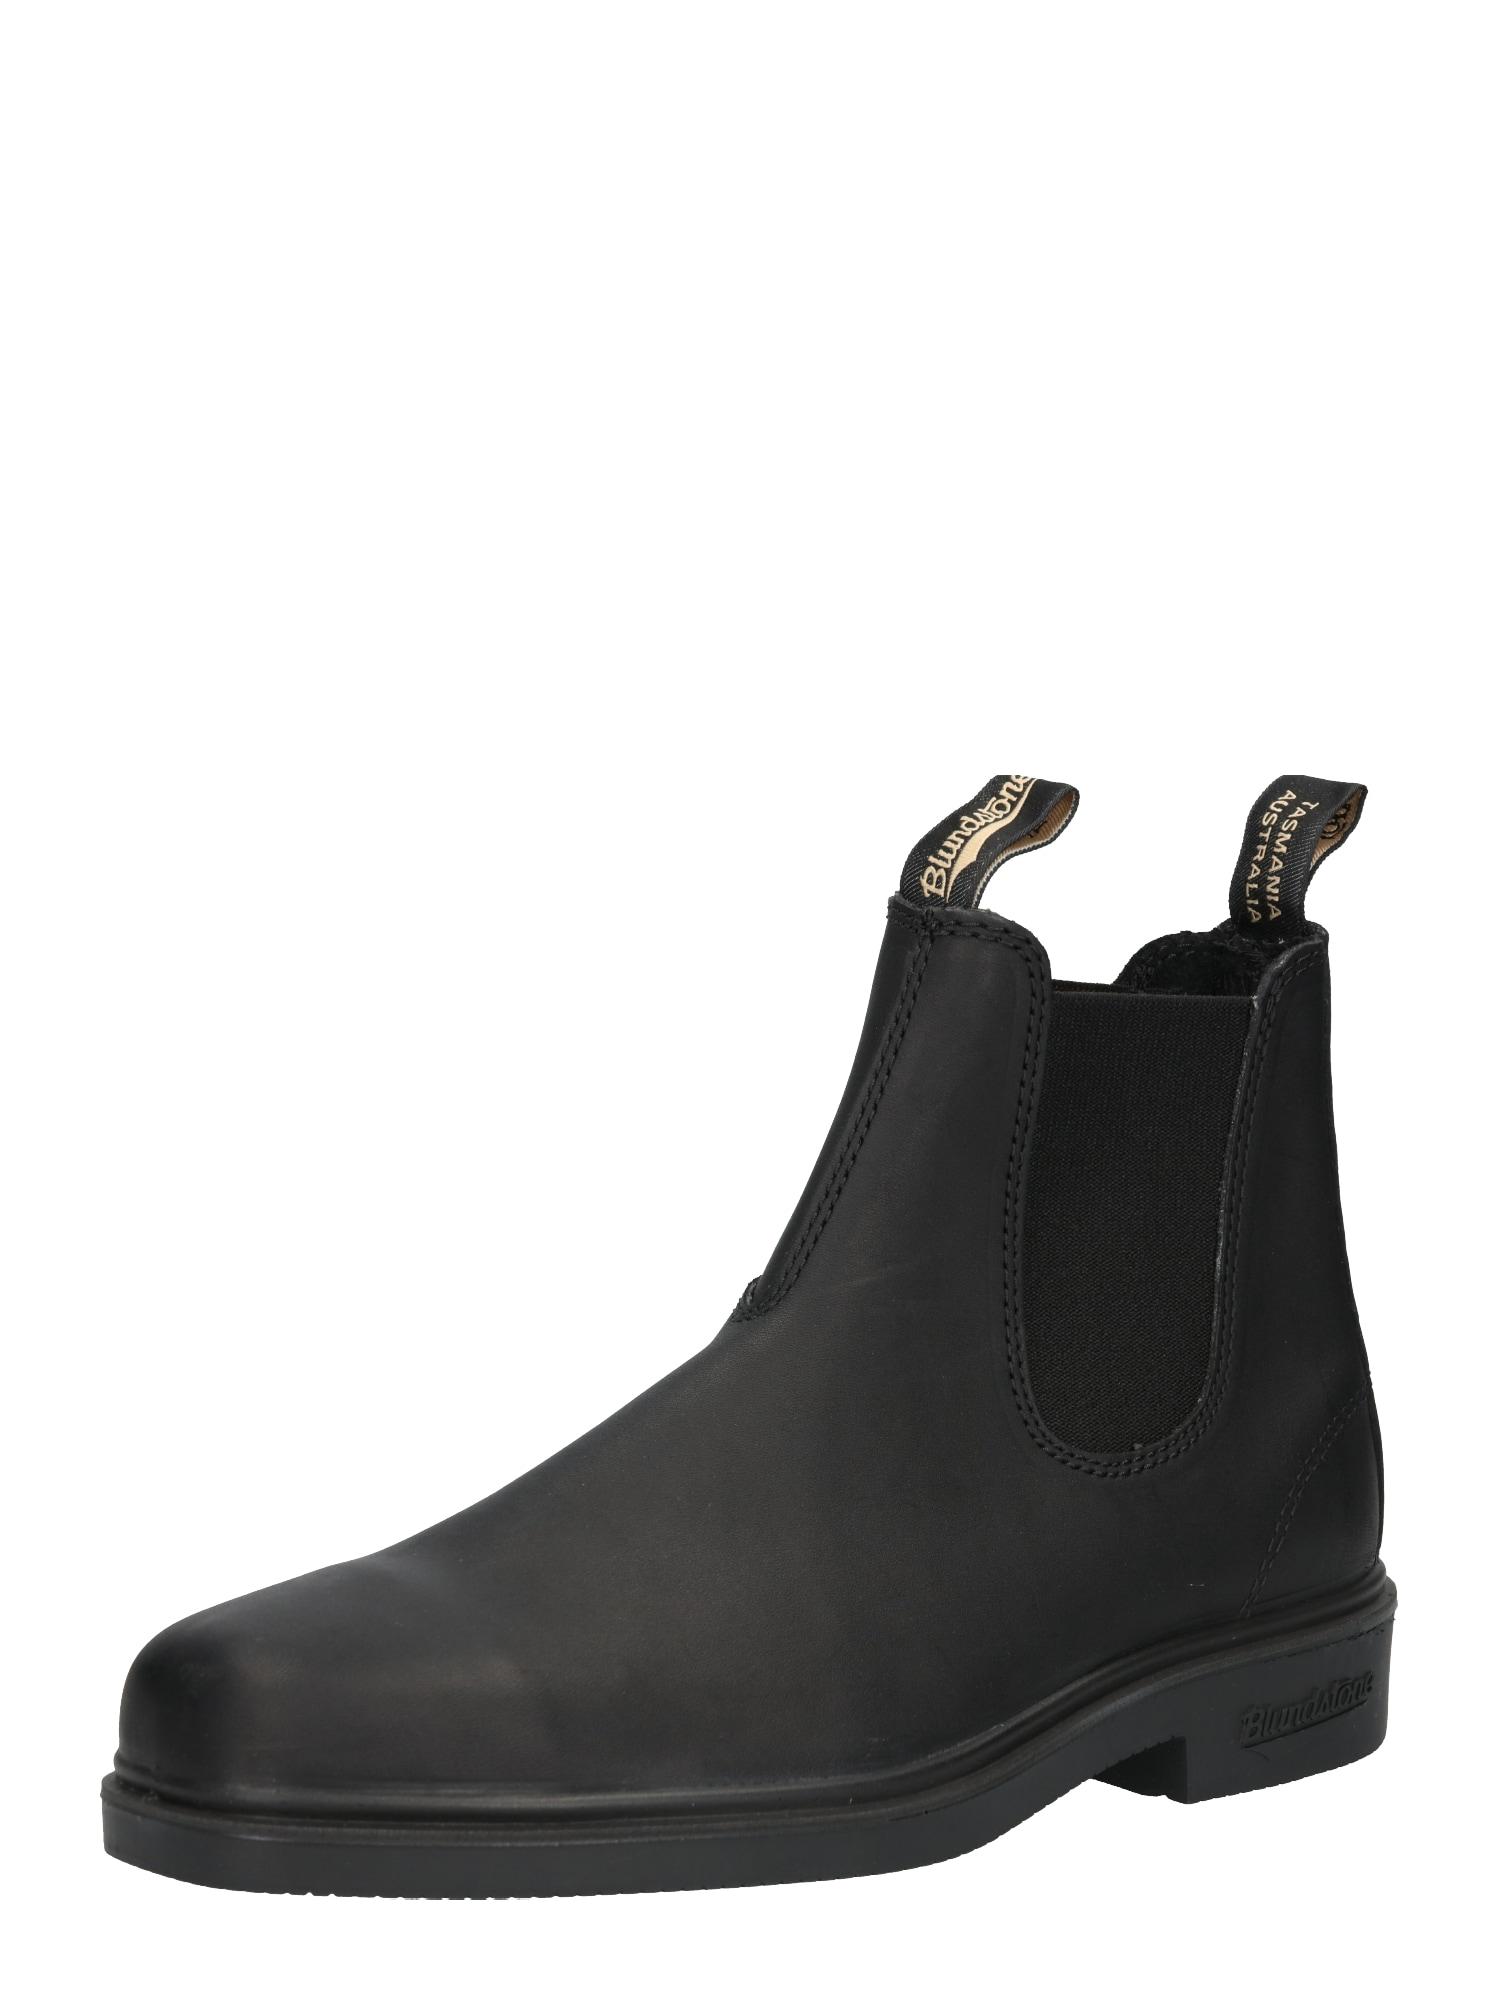 Chelsea boty 063 černá Blundstone